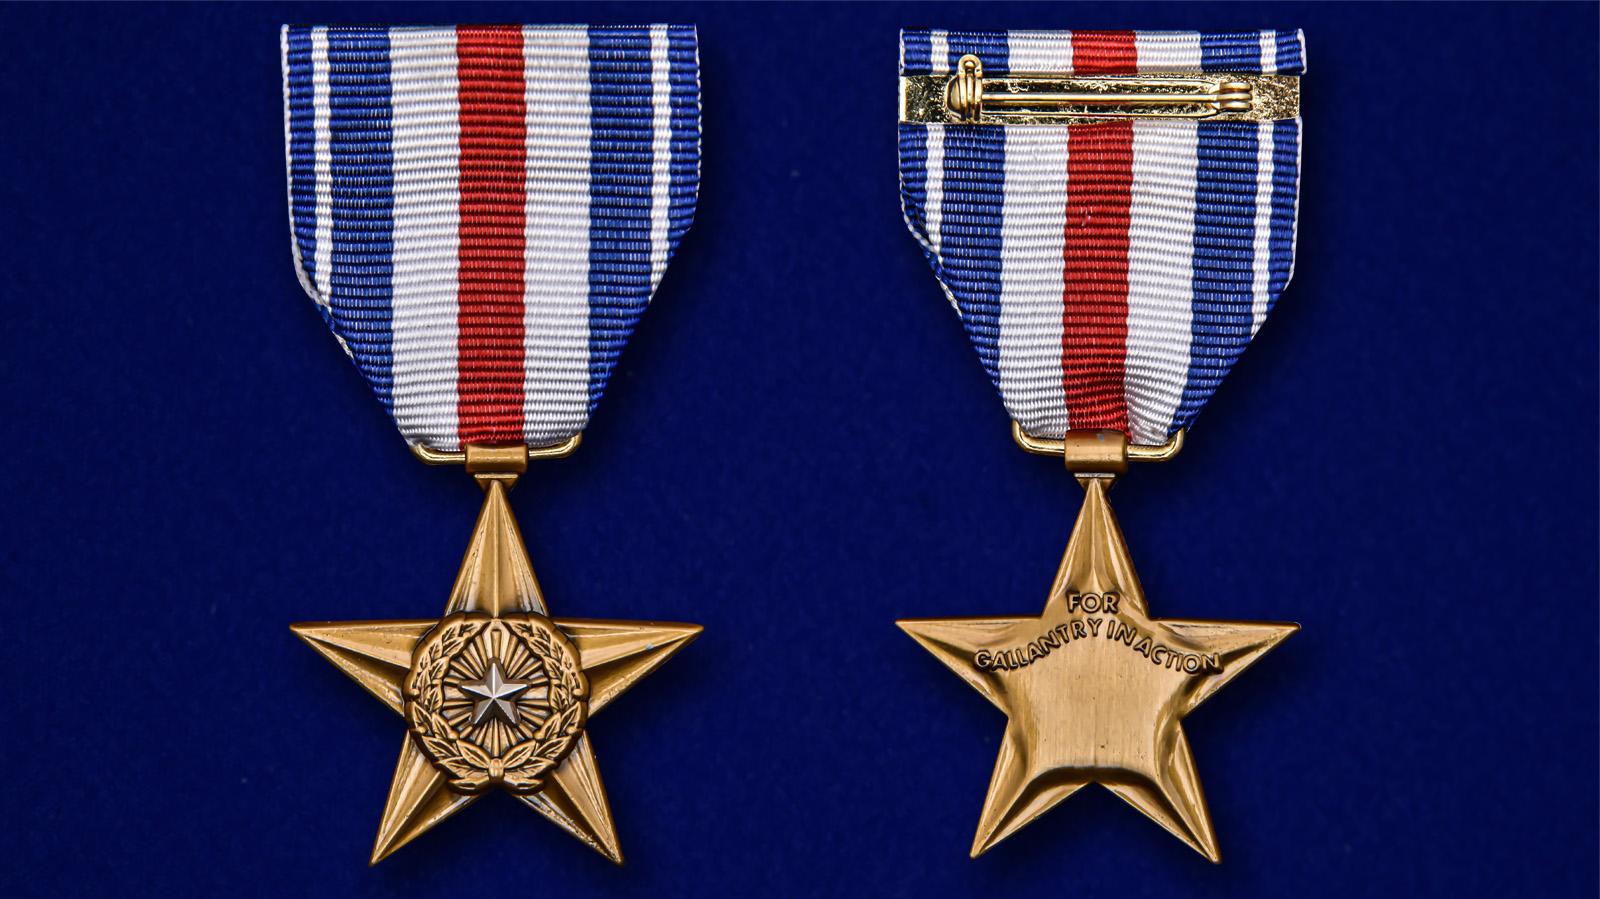 Памятная медаль Серебряная звезда (США) - аверс и реверс